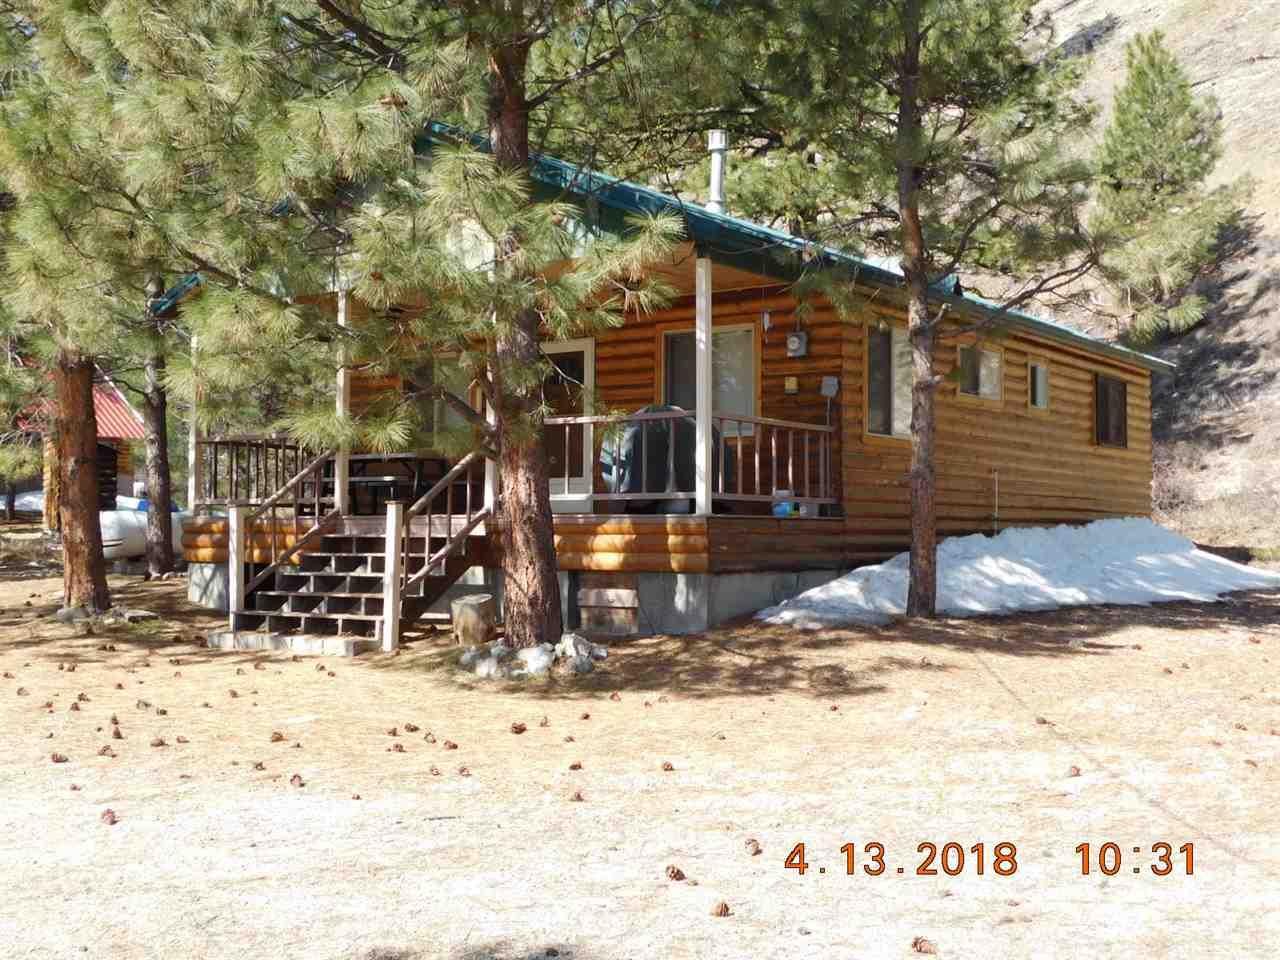 Casa Unifamiliar por un Venta en 4283 N Pine Featherville Road 4283 N Pine Featherville Road Featherville, Idaho 83647